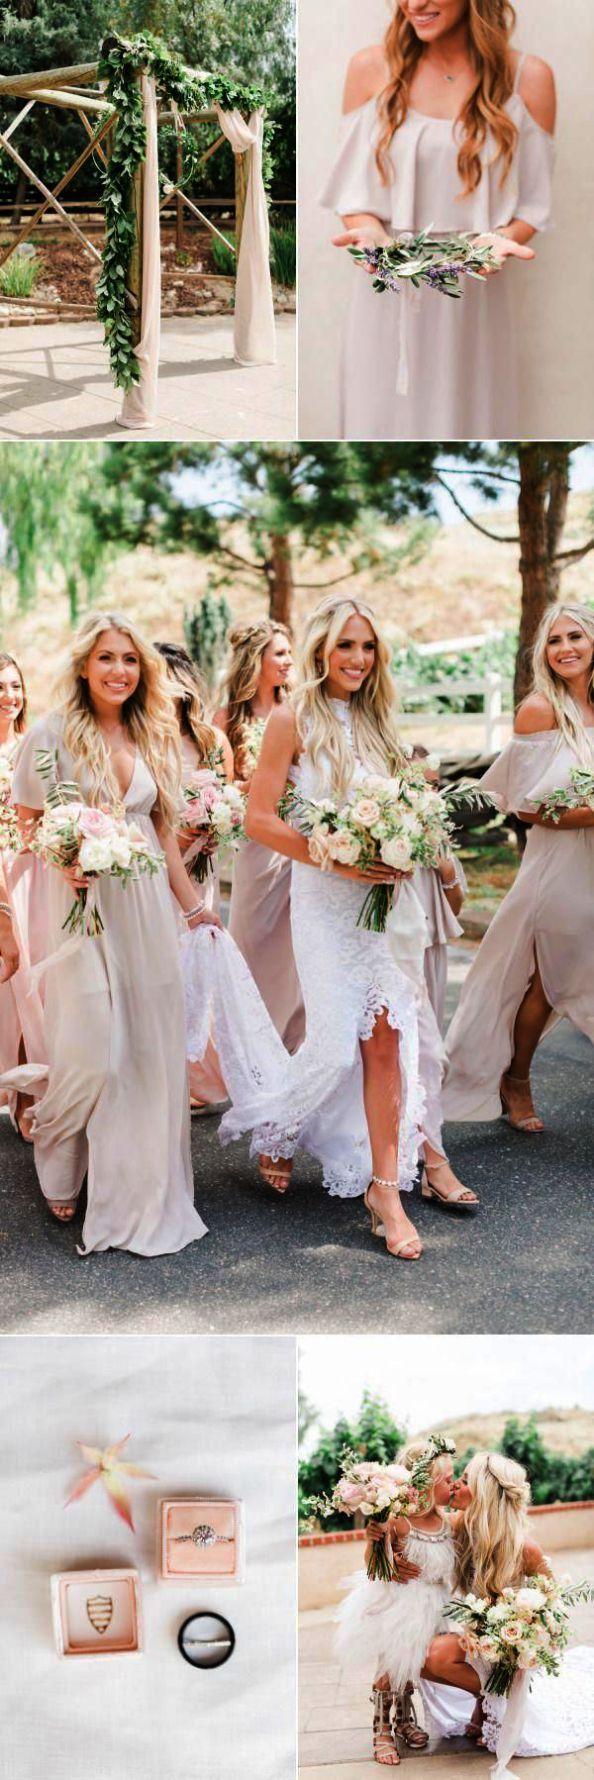 Wedding Shoes Houston Tx before Wedding Crashers Mom upon Wedding Dresses Jenny   Wedding Day Hairstyles